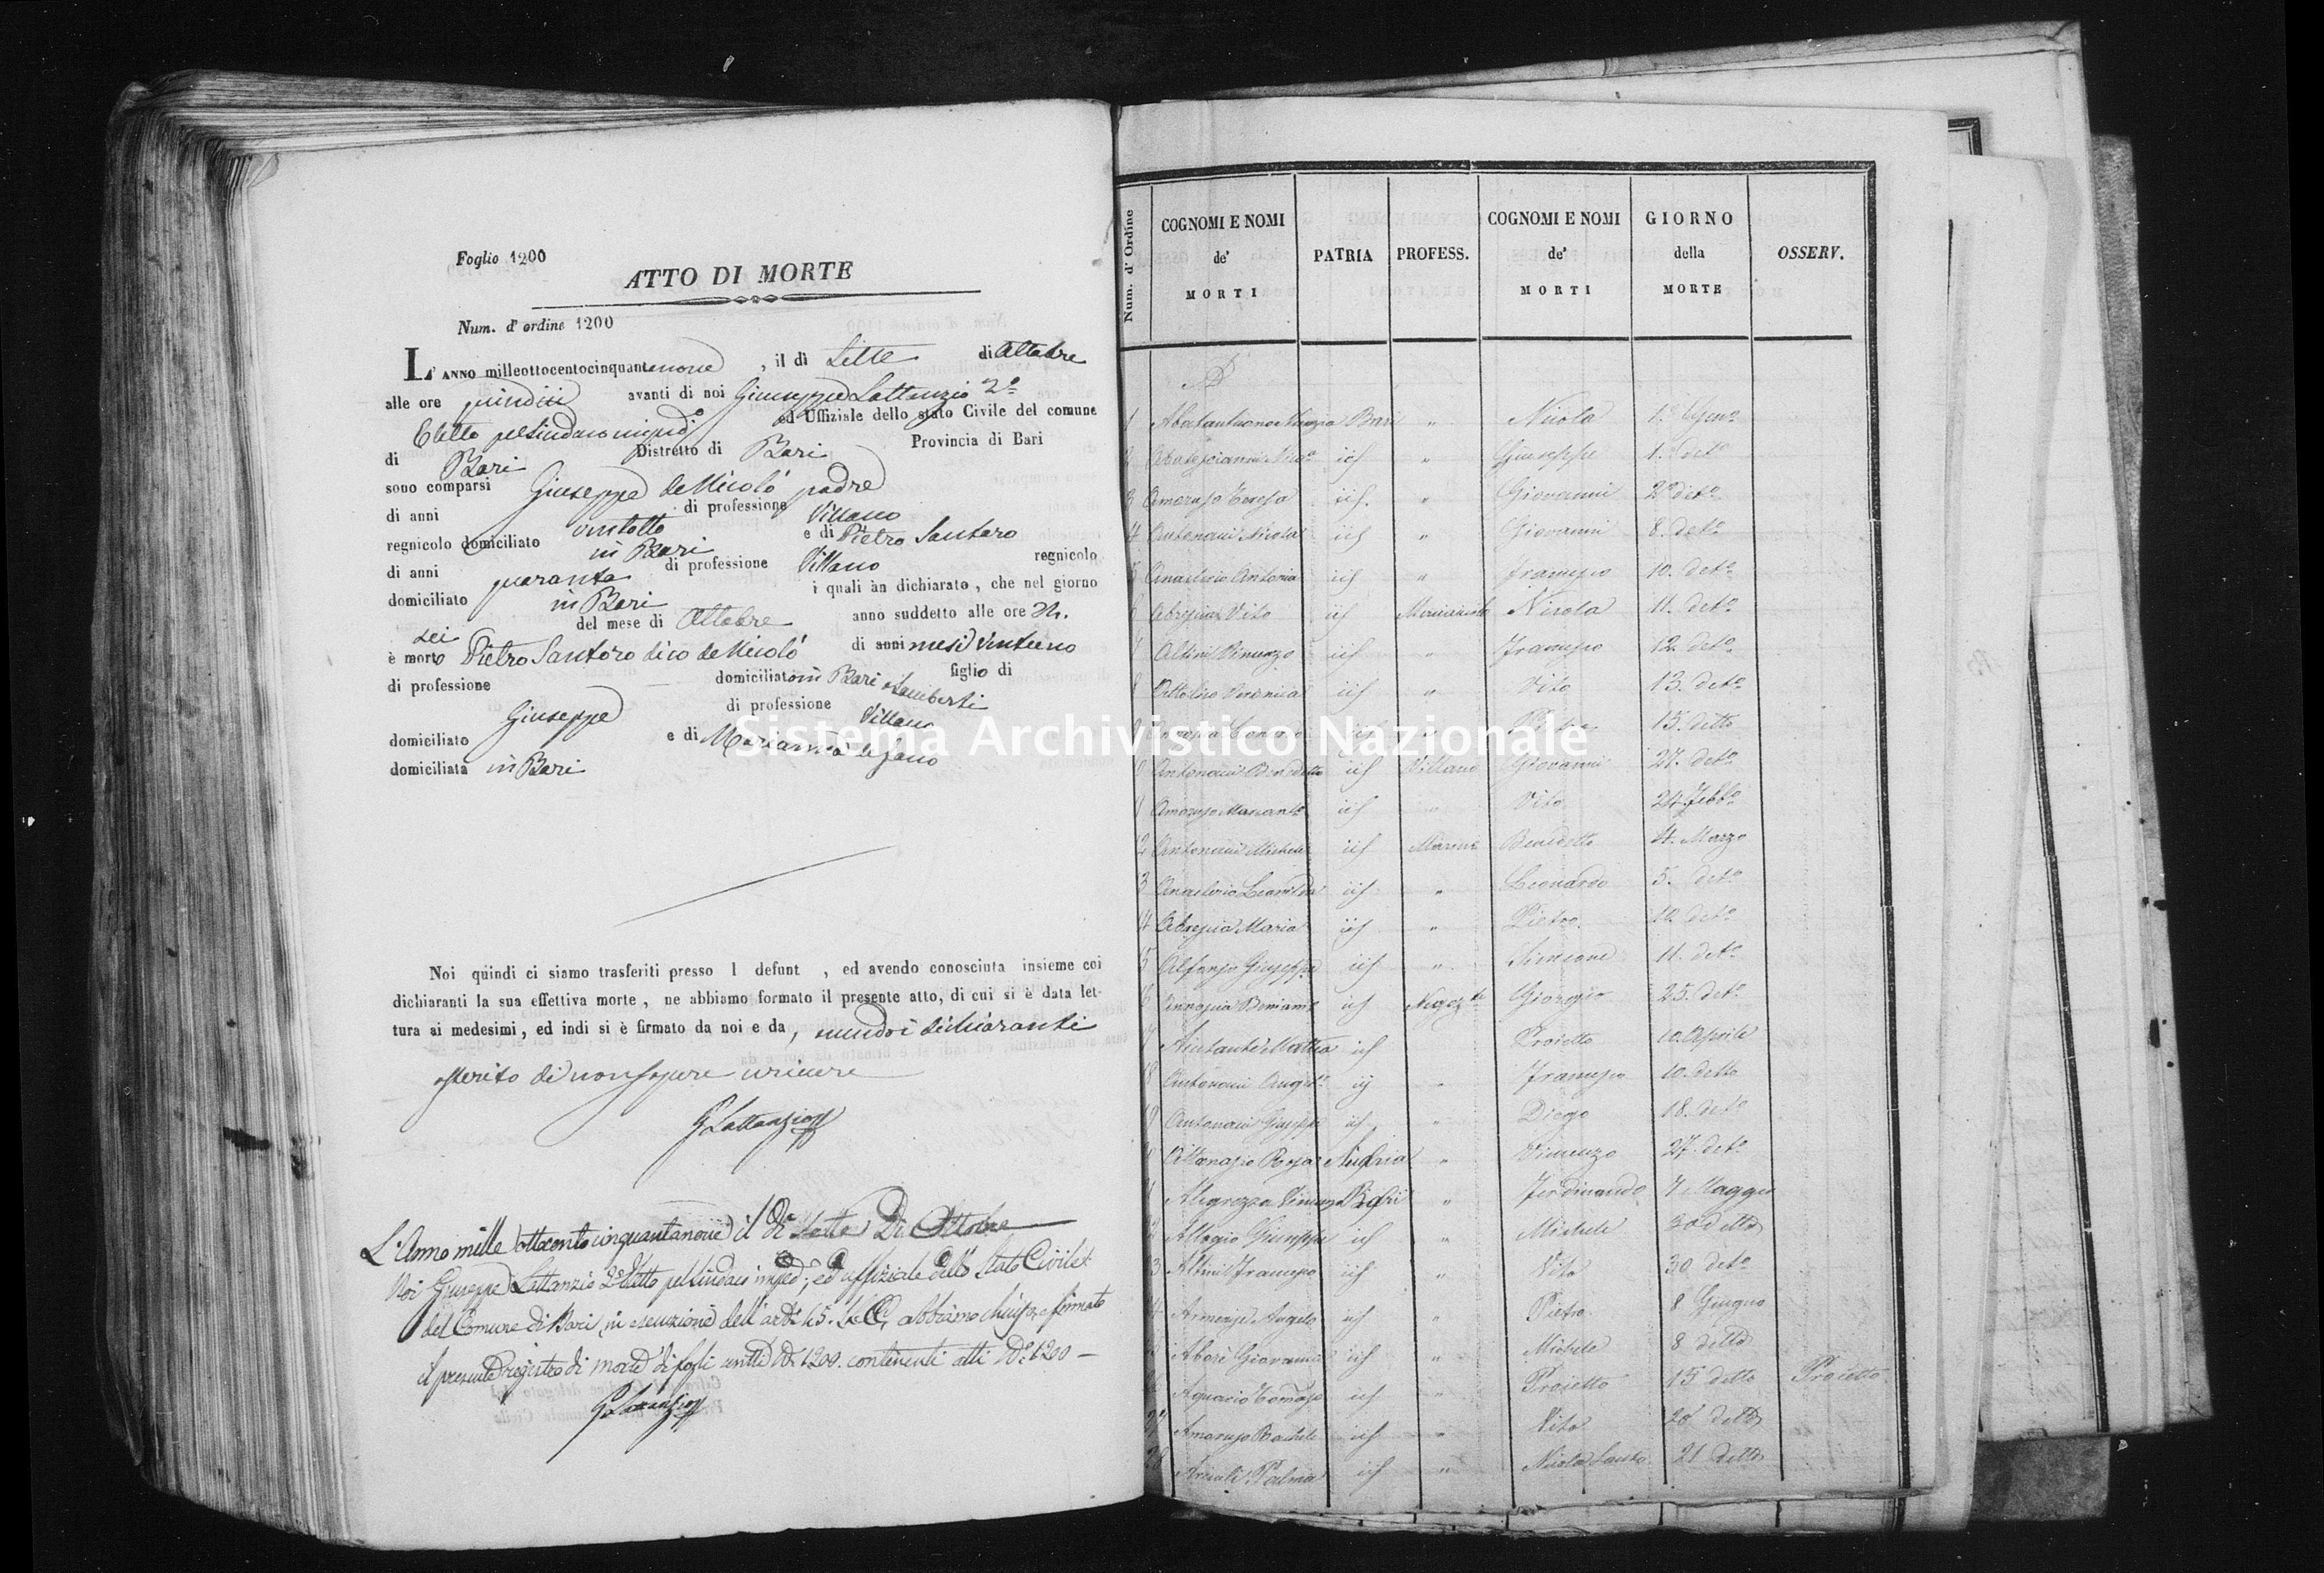 Archivio di stato di Bari - Stato civile della restaurazione - Bari - Morti, indice - 1859 -